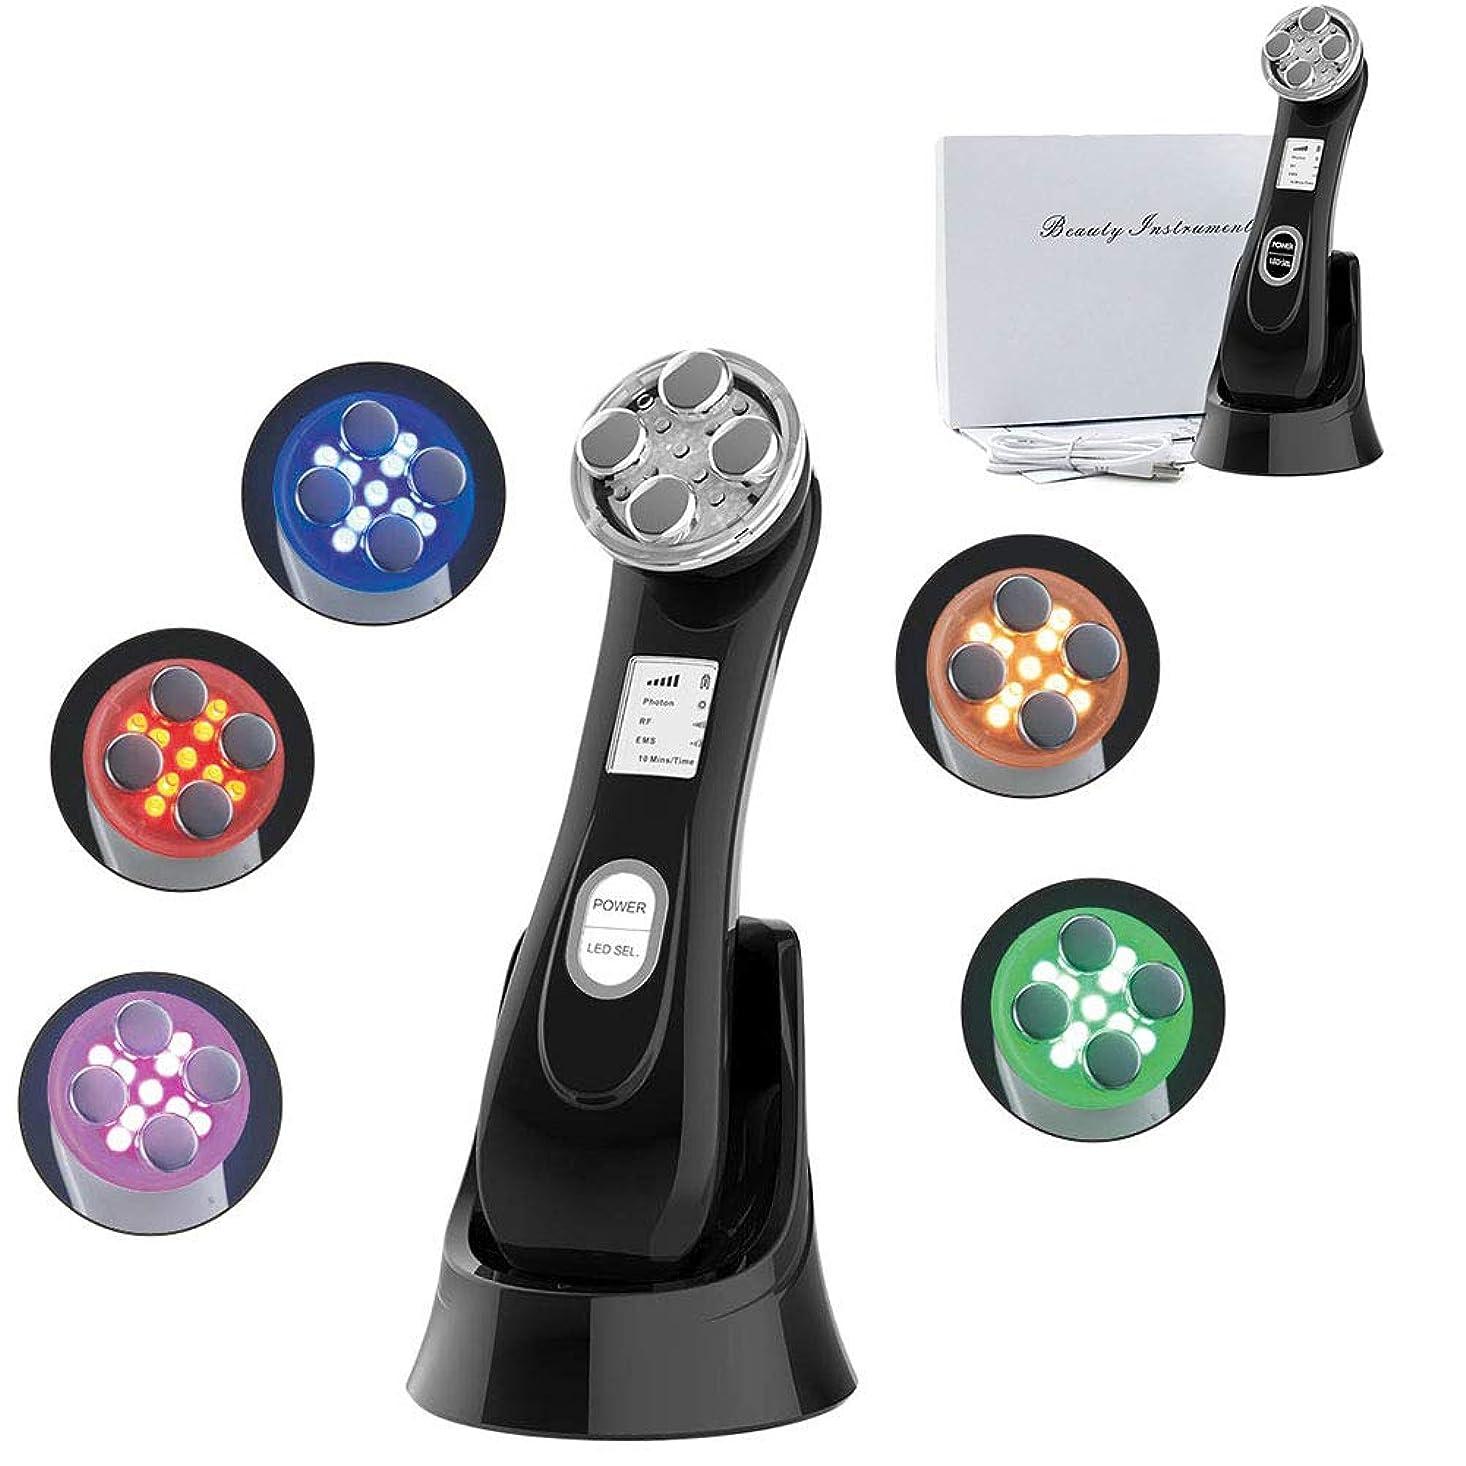 フラグラントクック土地超音波美容機器、アンチエイジングフェイシャルリフティング超音波美容機 - 高周波USB充電式EMSフェイシャルフォトンフェイススキンケア